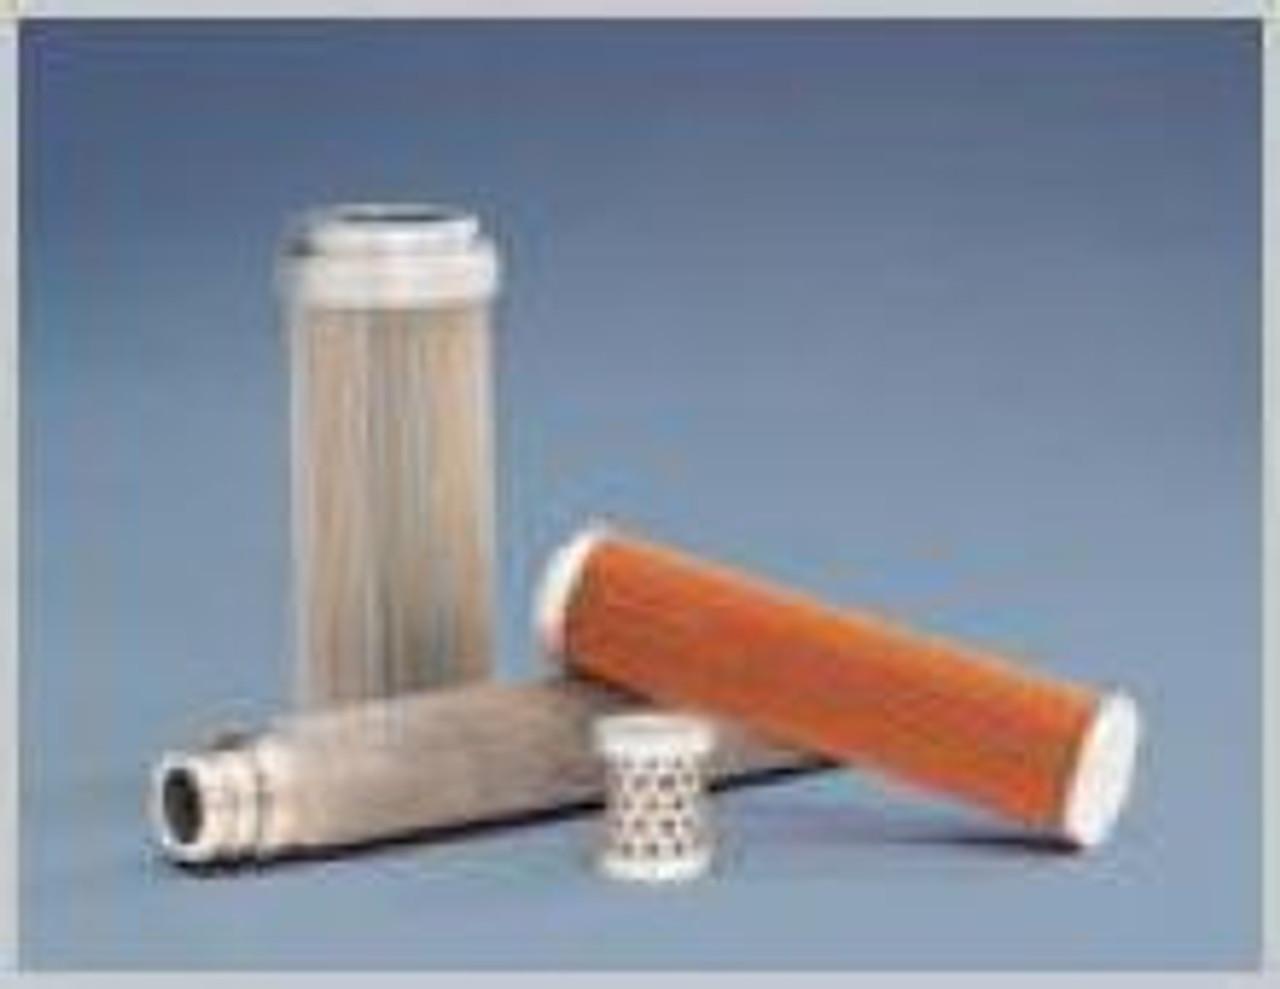 Fleetguard Hydraulic Filters